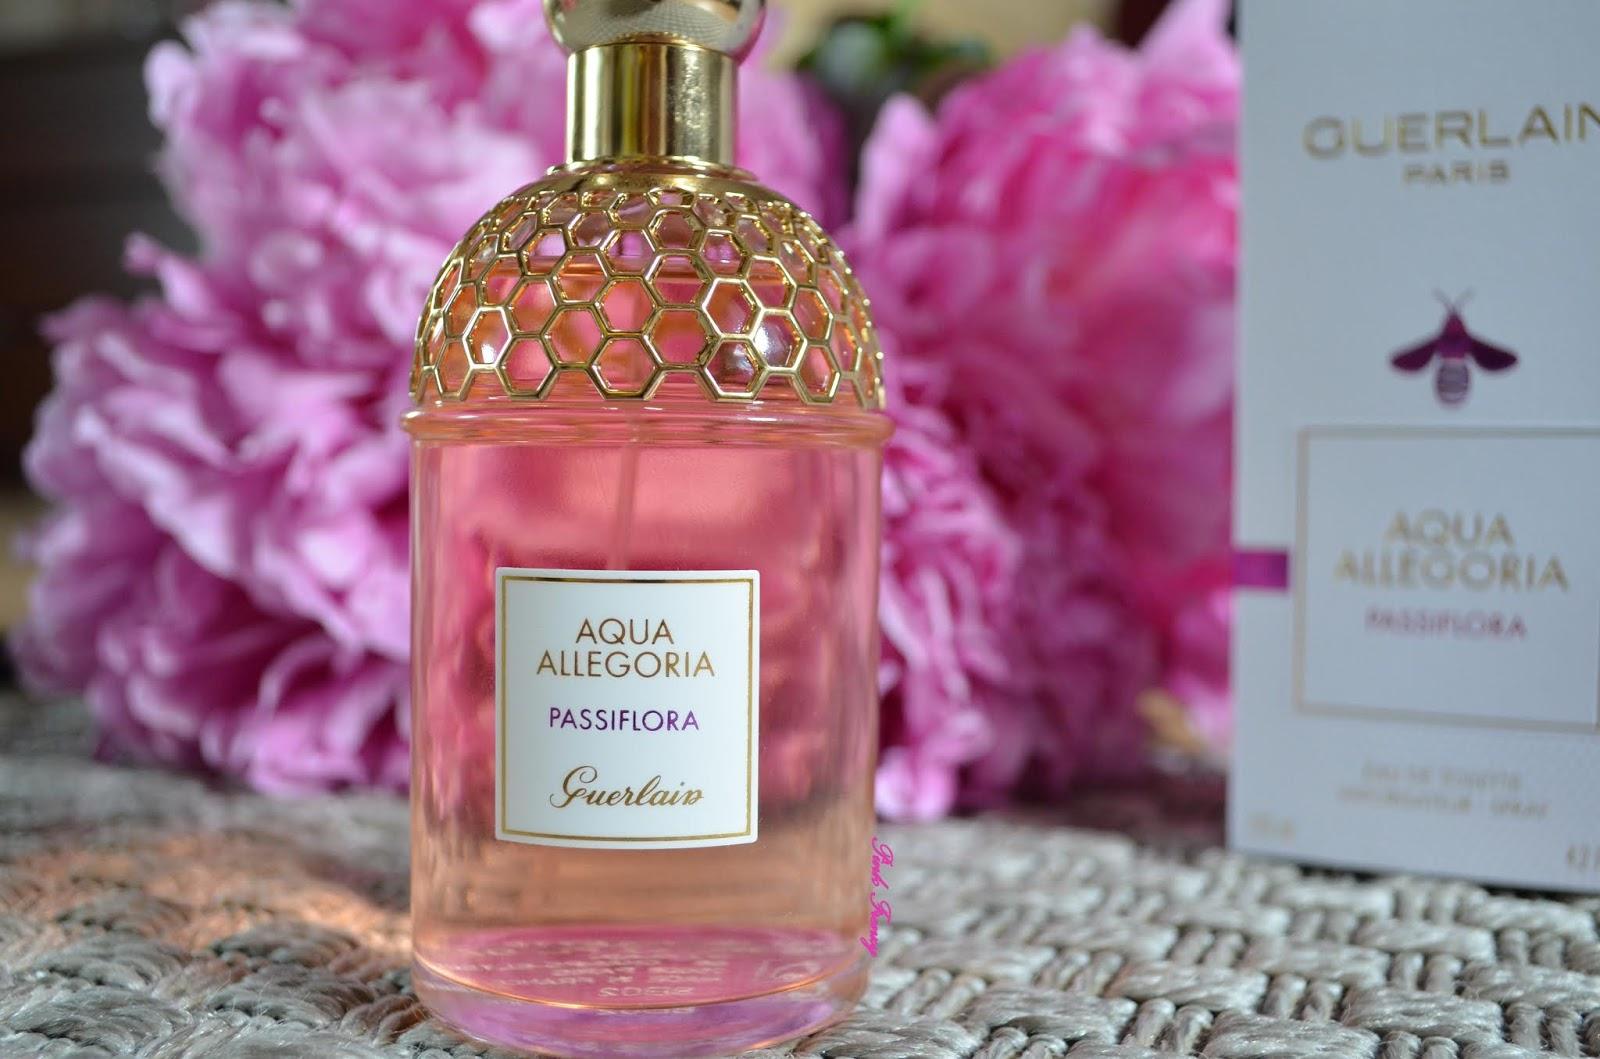 Review Guerlain Aqua Allegoria Passiflora Eau De Toilette Pink